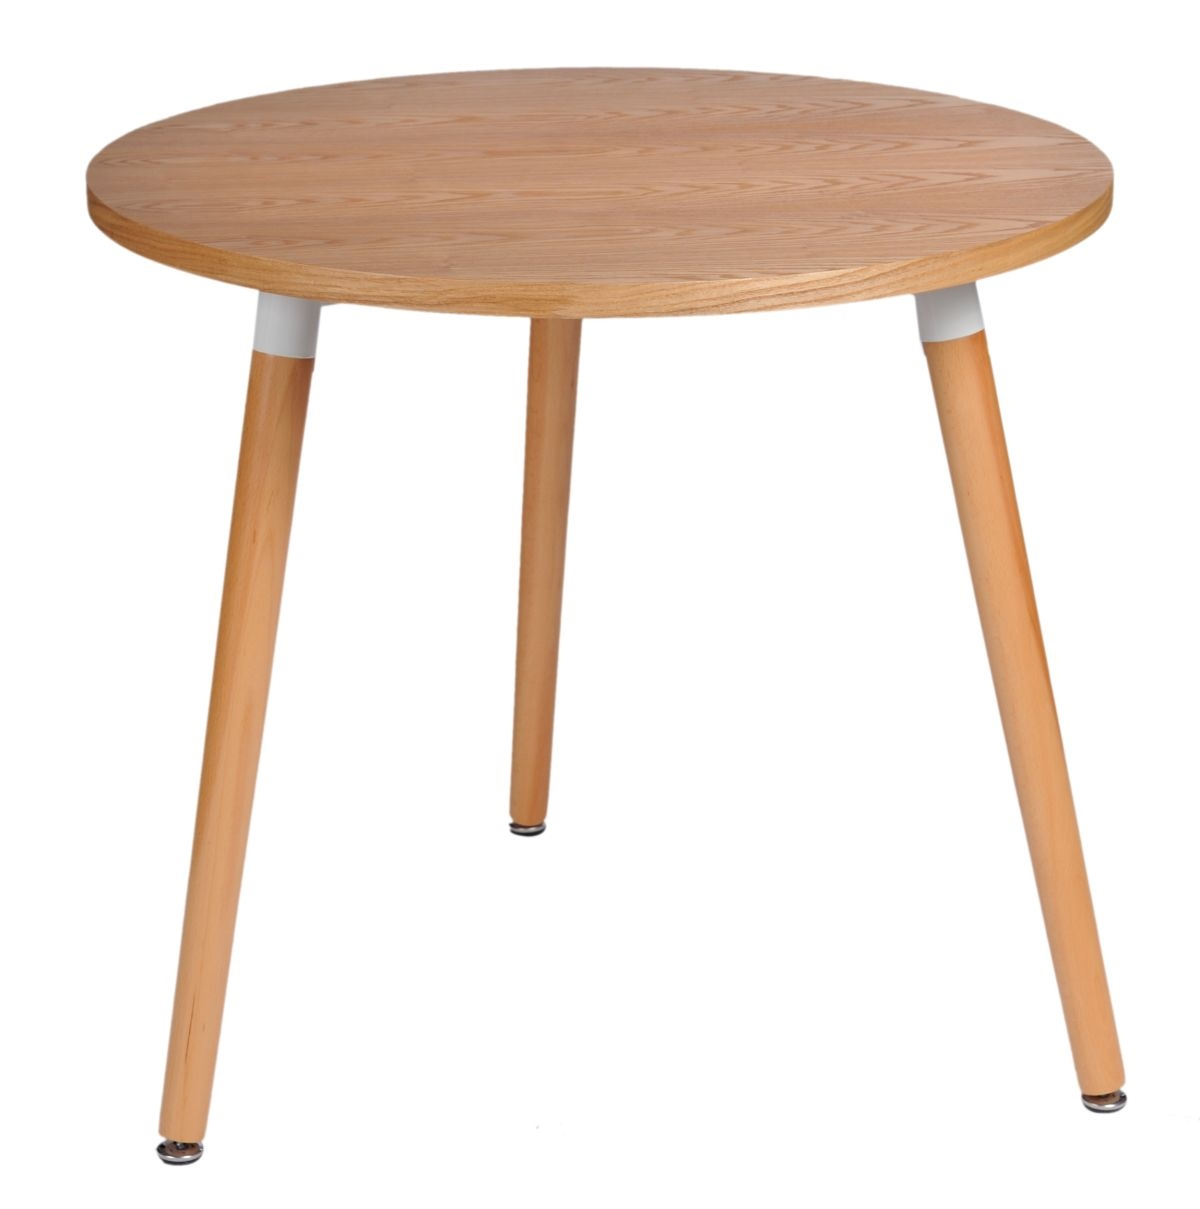 Jídelní stůl Clara kulatý, 80 cm, buk